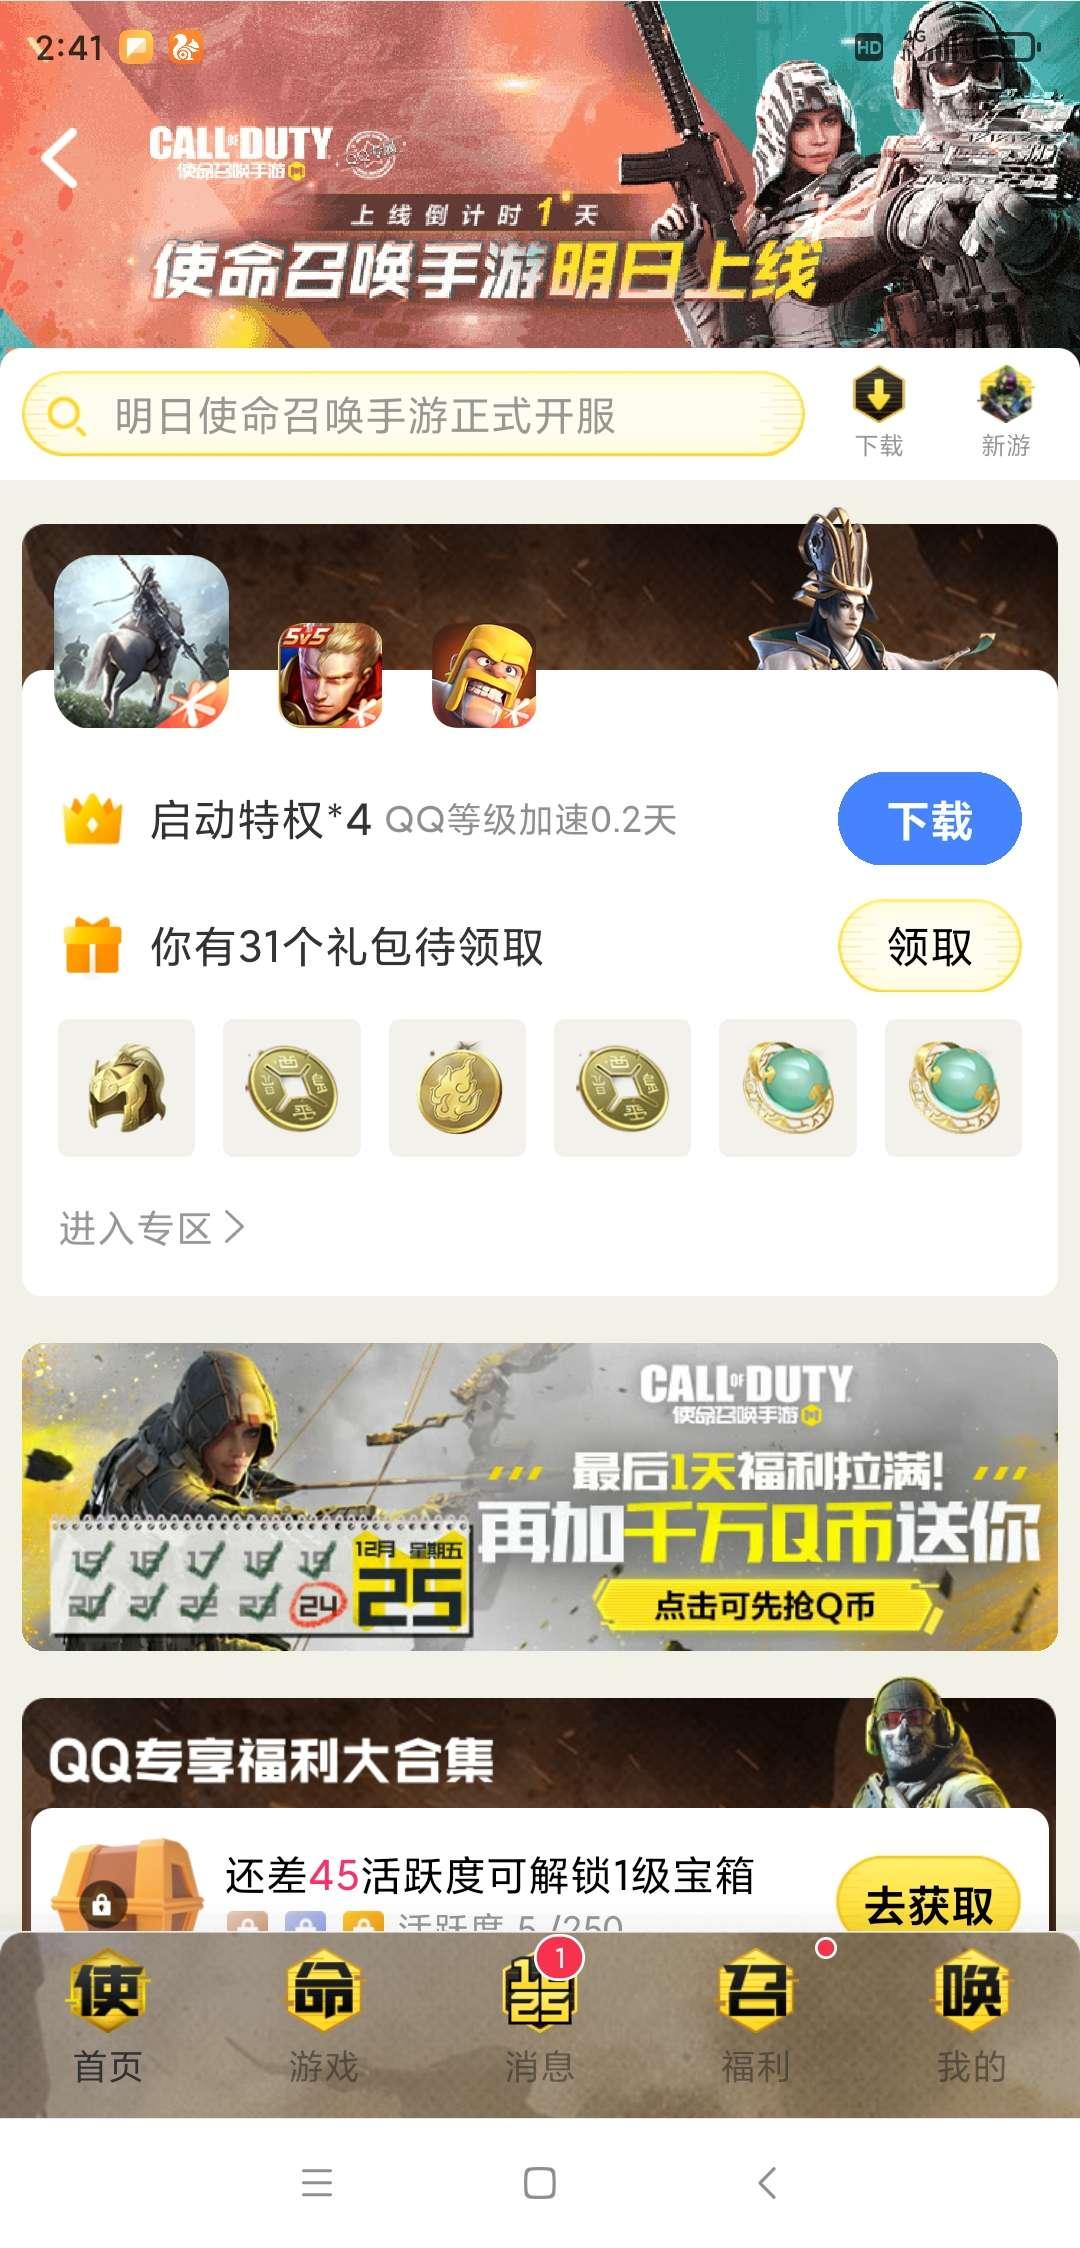 图片[1]-QQ游戏中心预约得Q币-老友薅羊毛活动线报网